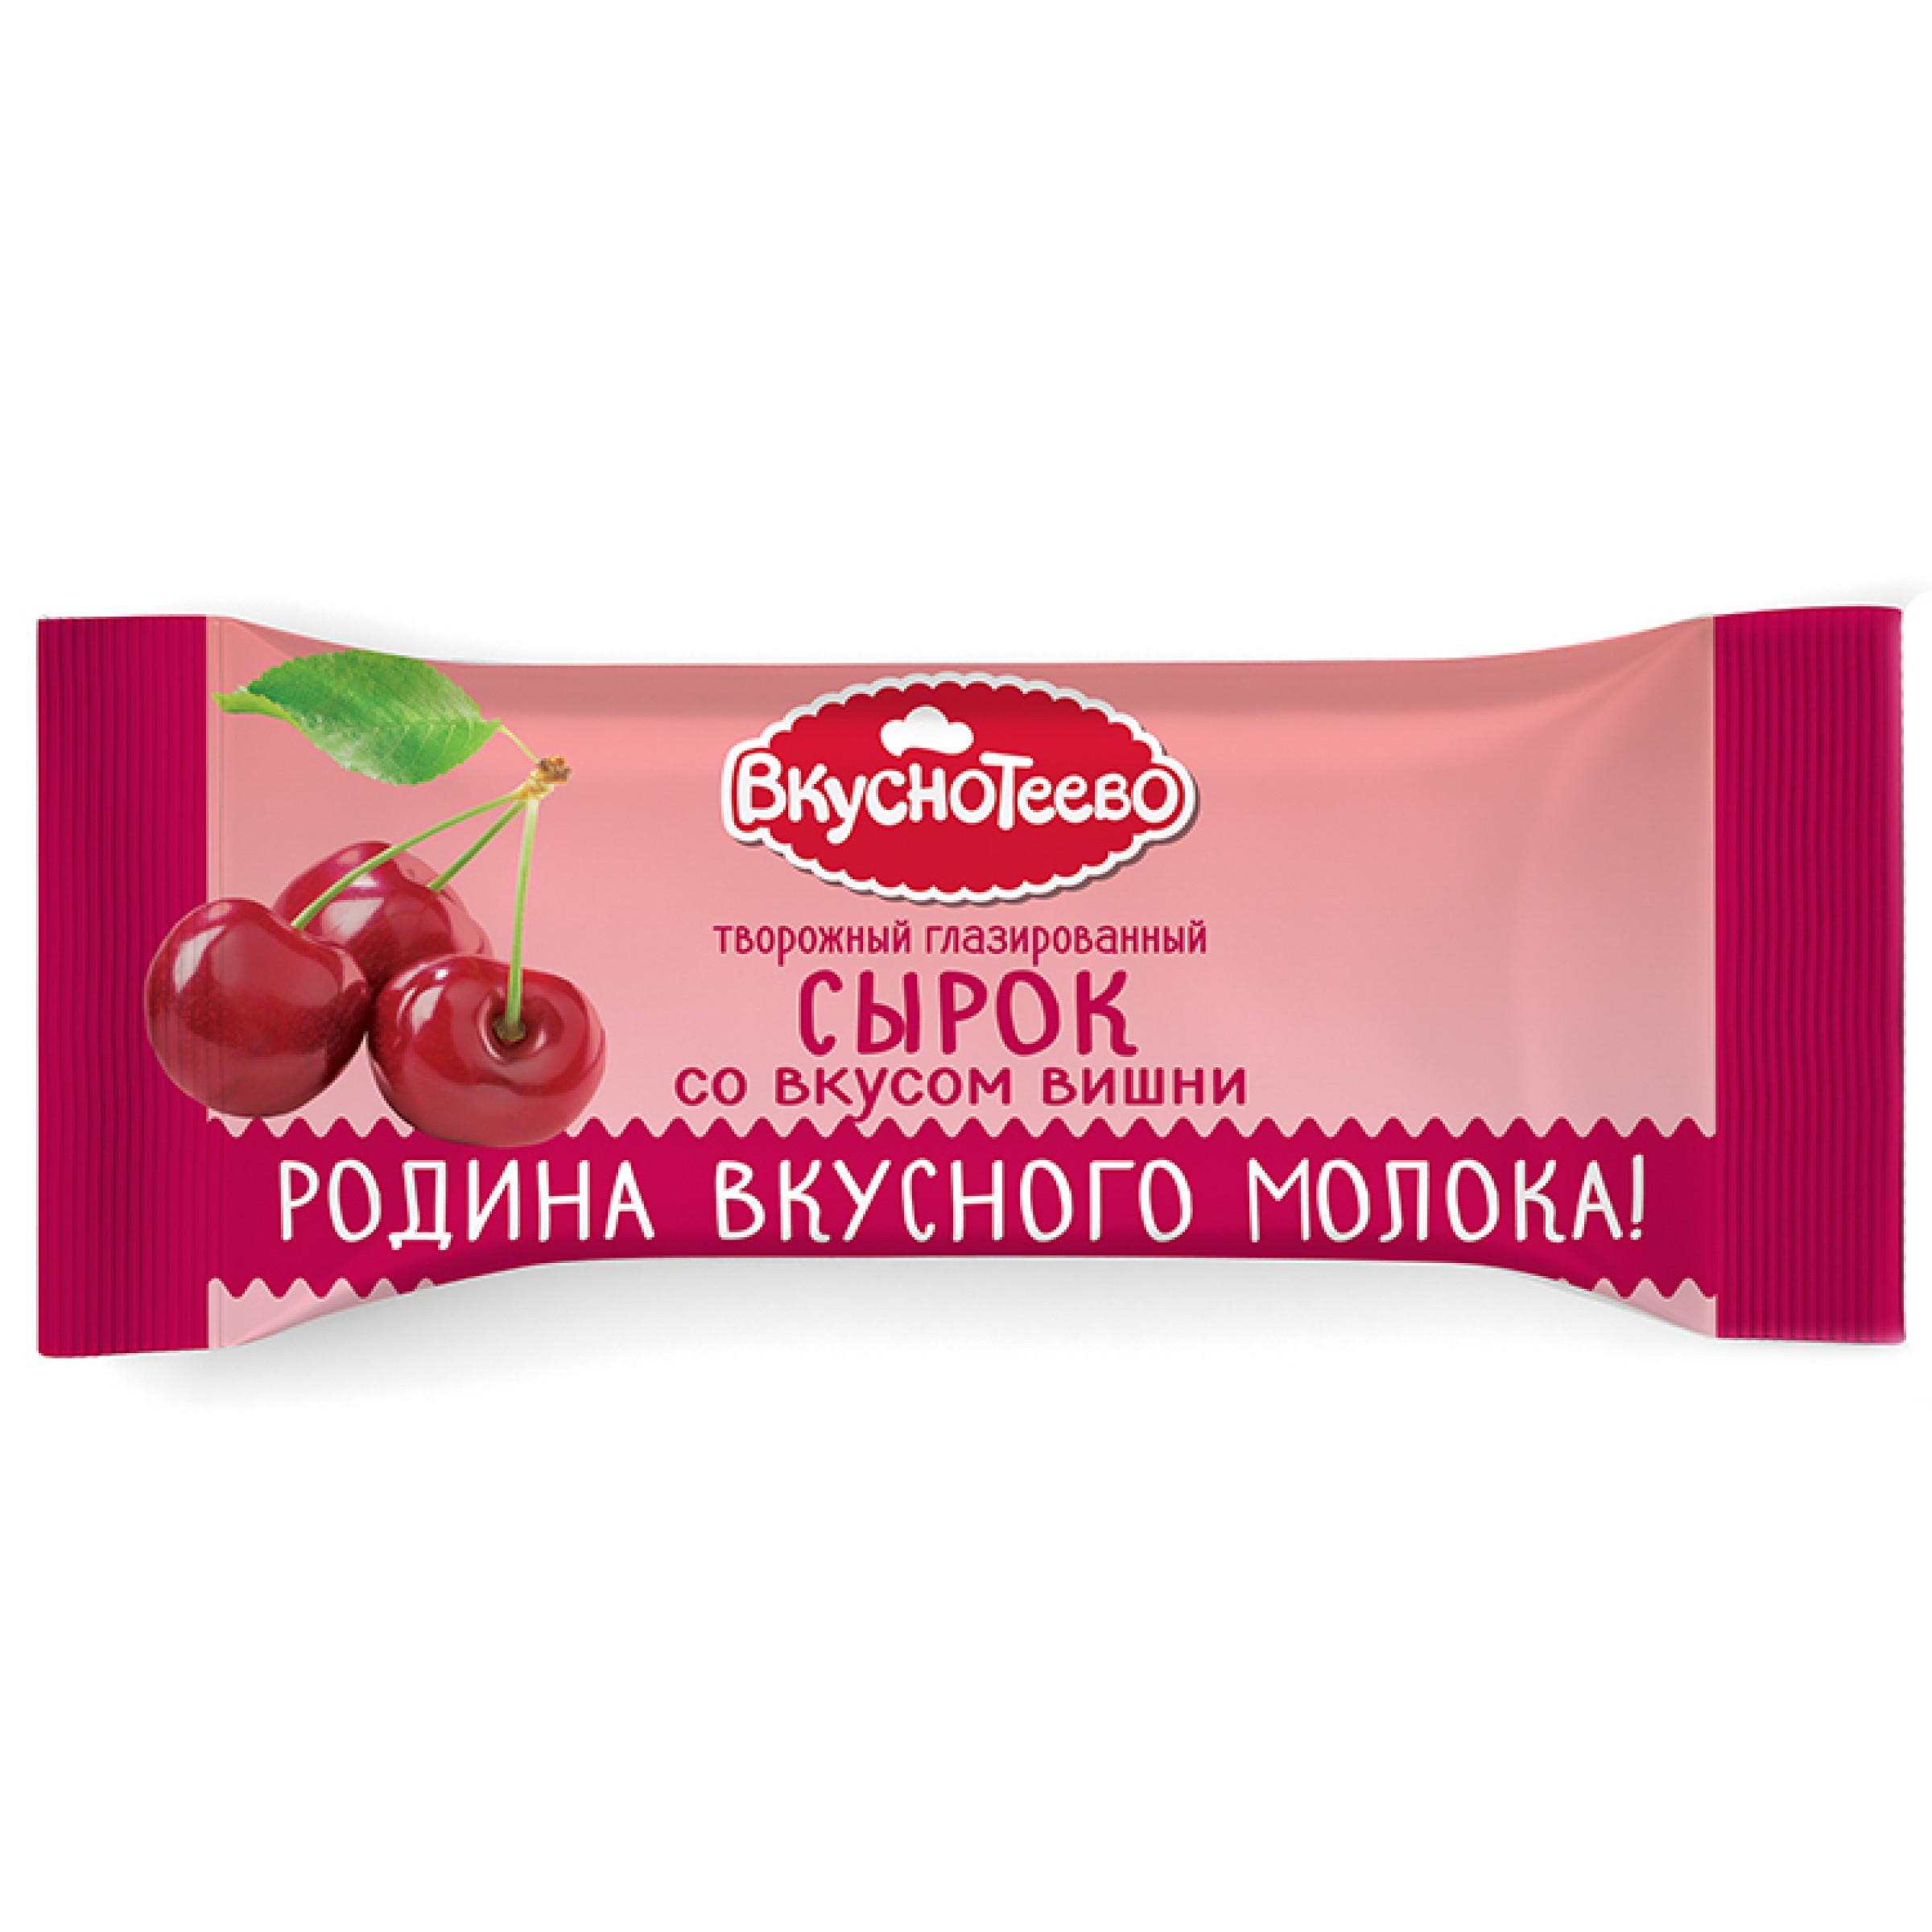 """Сырок глазированный """"Вкуcнотеево"""" 23% со вкусом вишни, 40 г"""